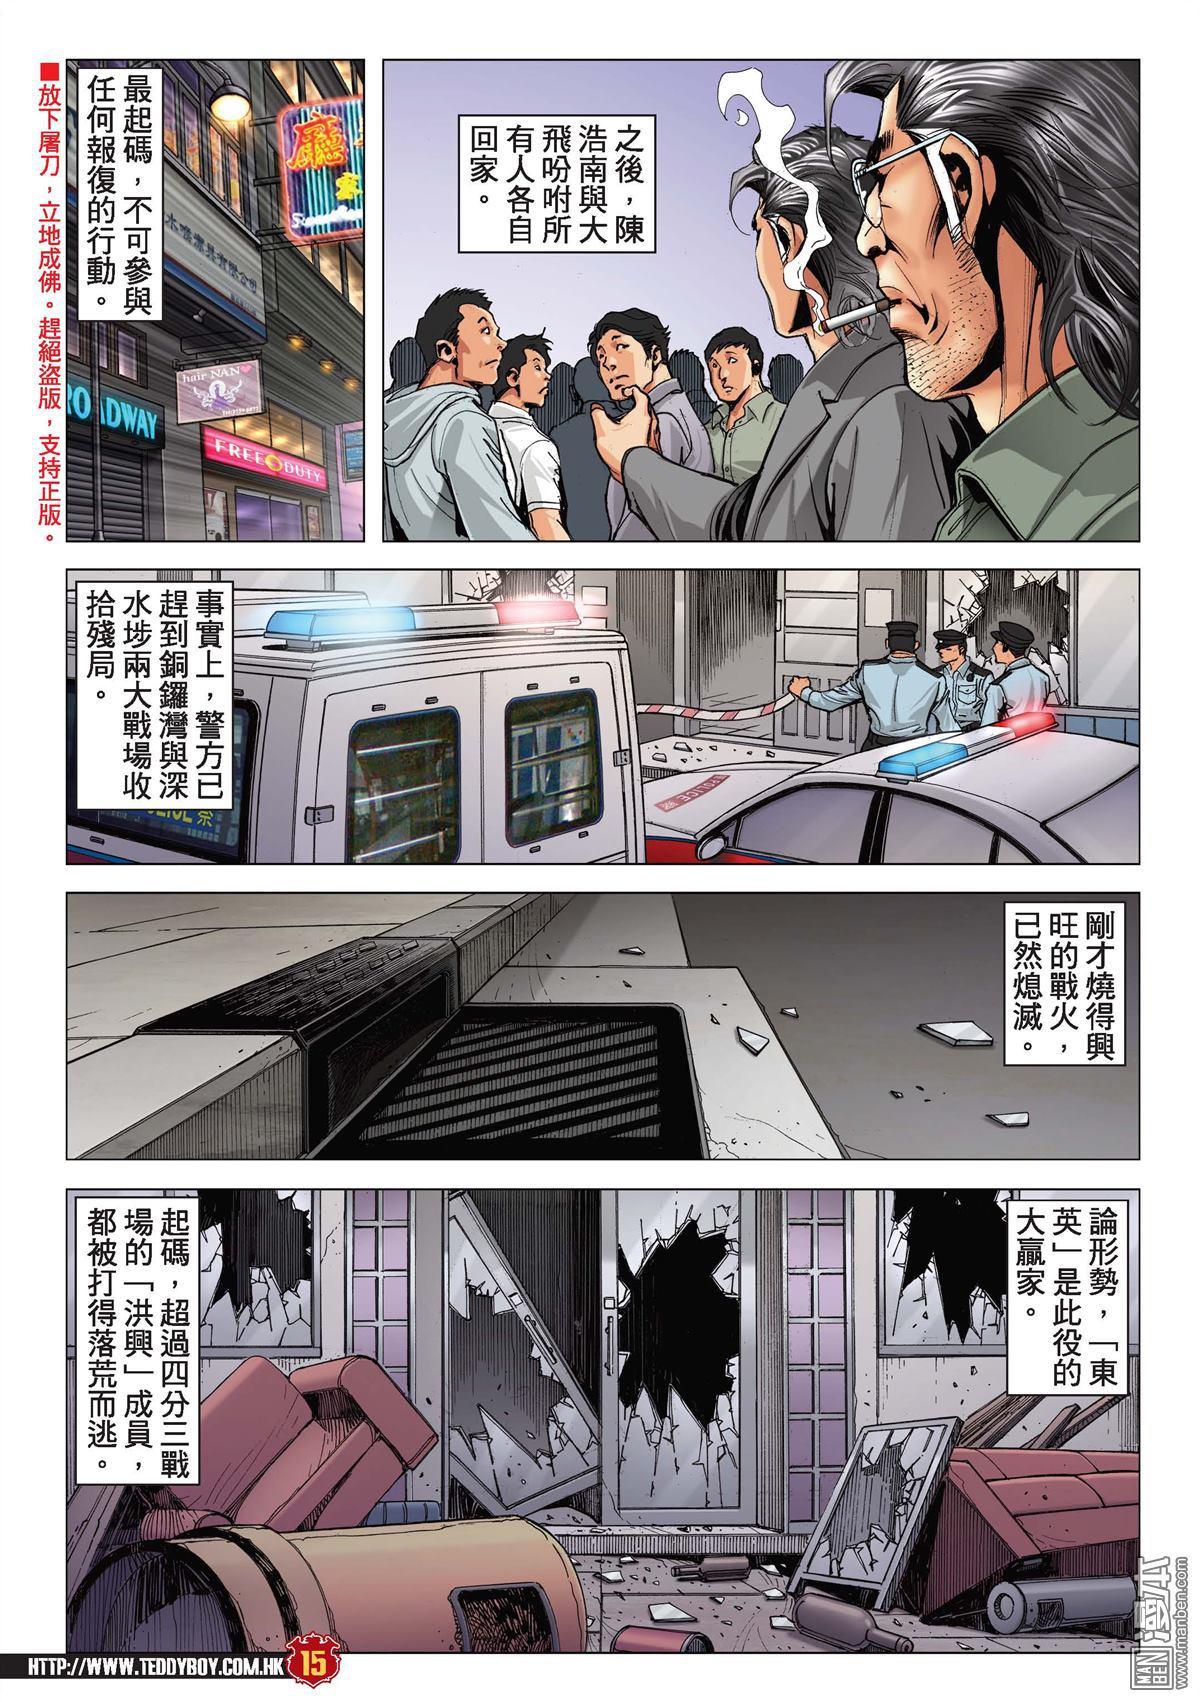 古惑仔漫畫第2184回:浩南戰韓賓(第13頁)劇情-二次元動漫